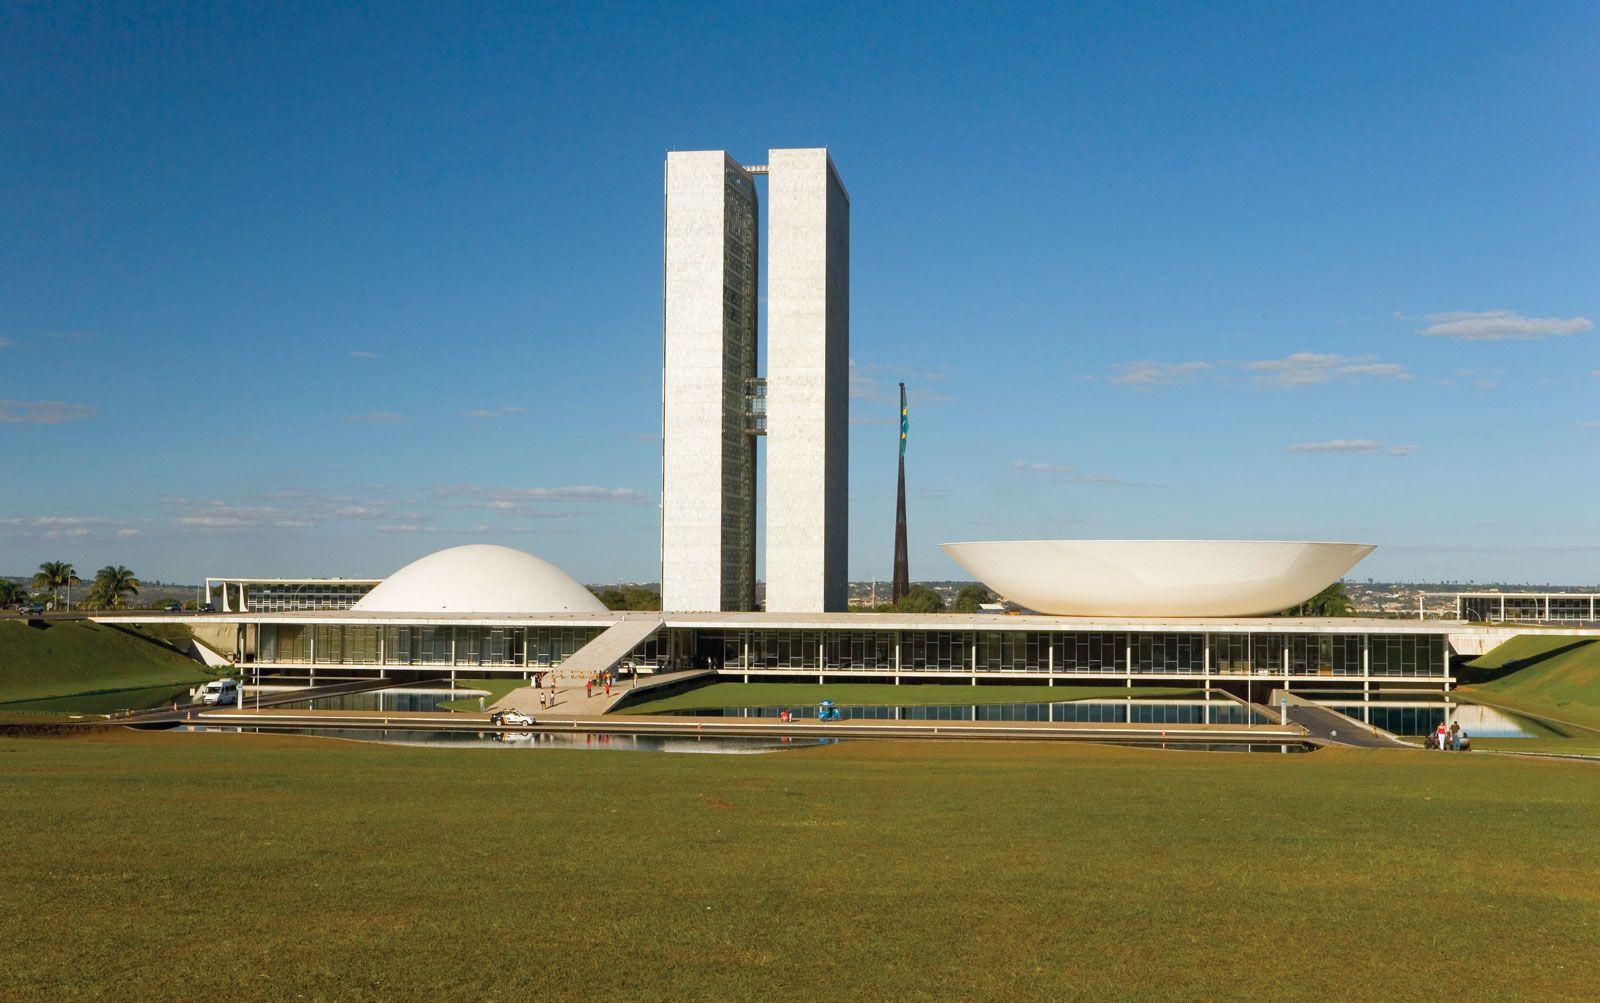 بررسی کنگره ملی برزیل سازه اسکار نیمایر - استوارسازان